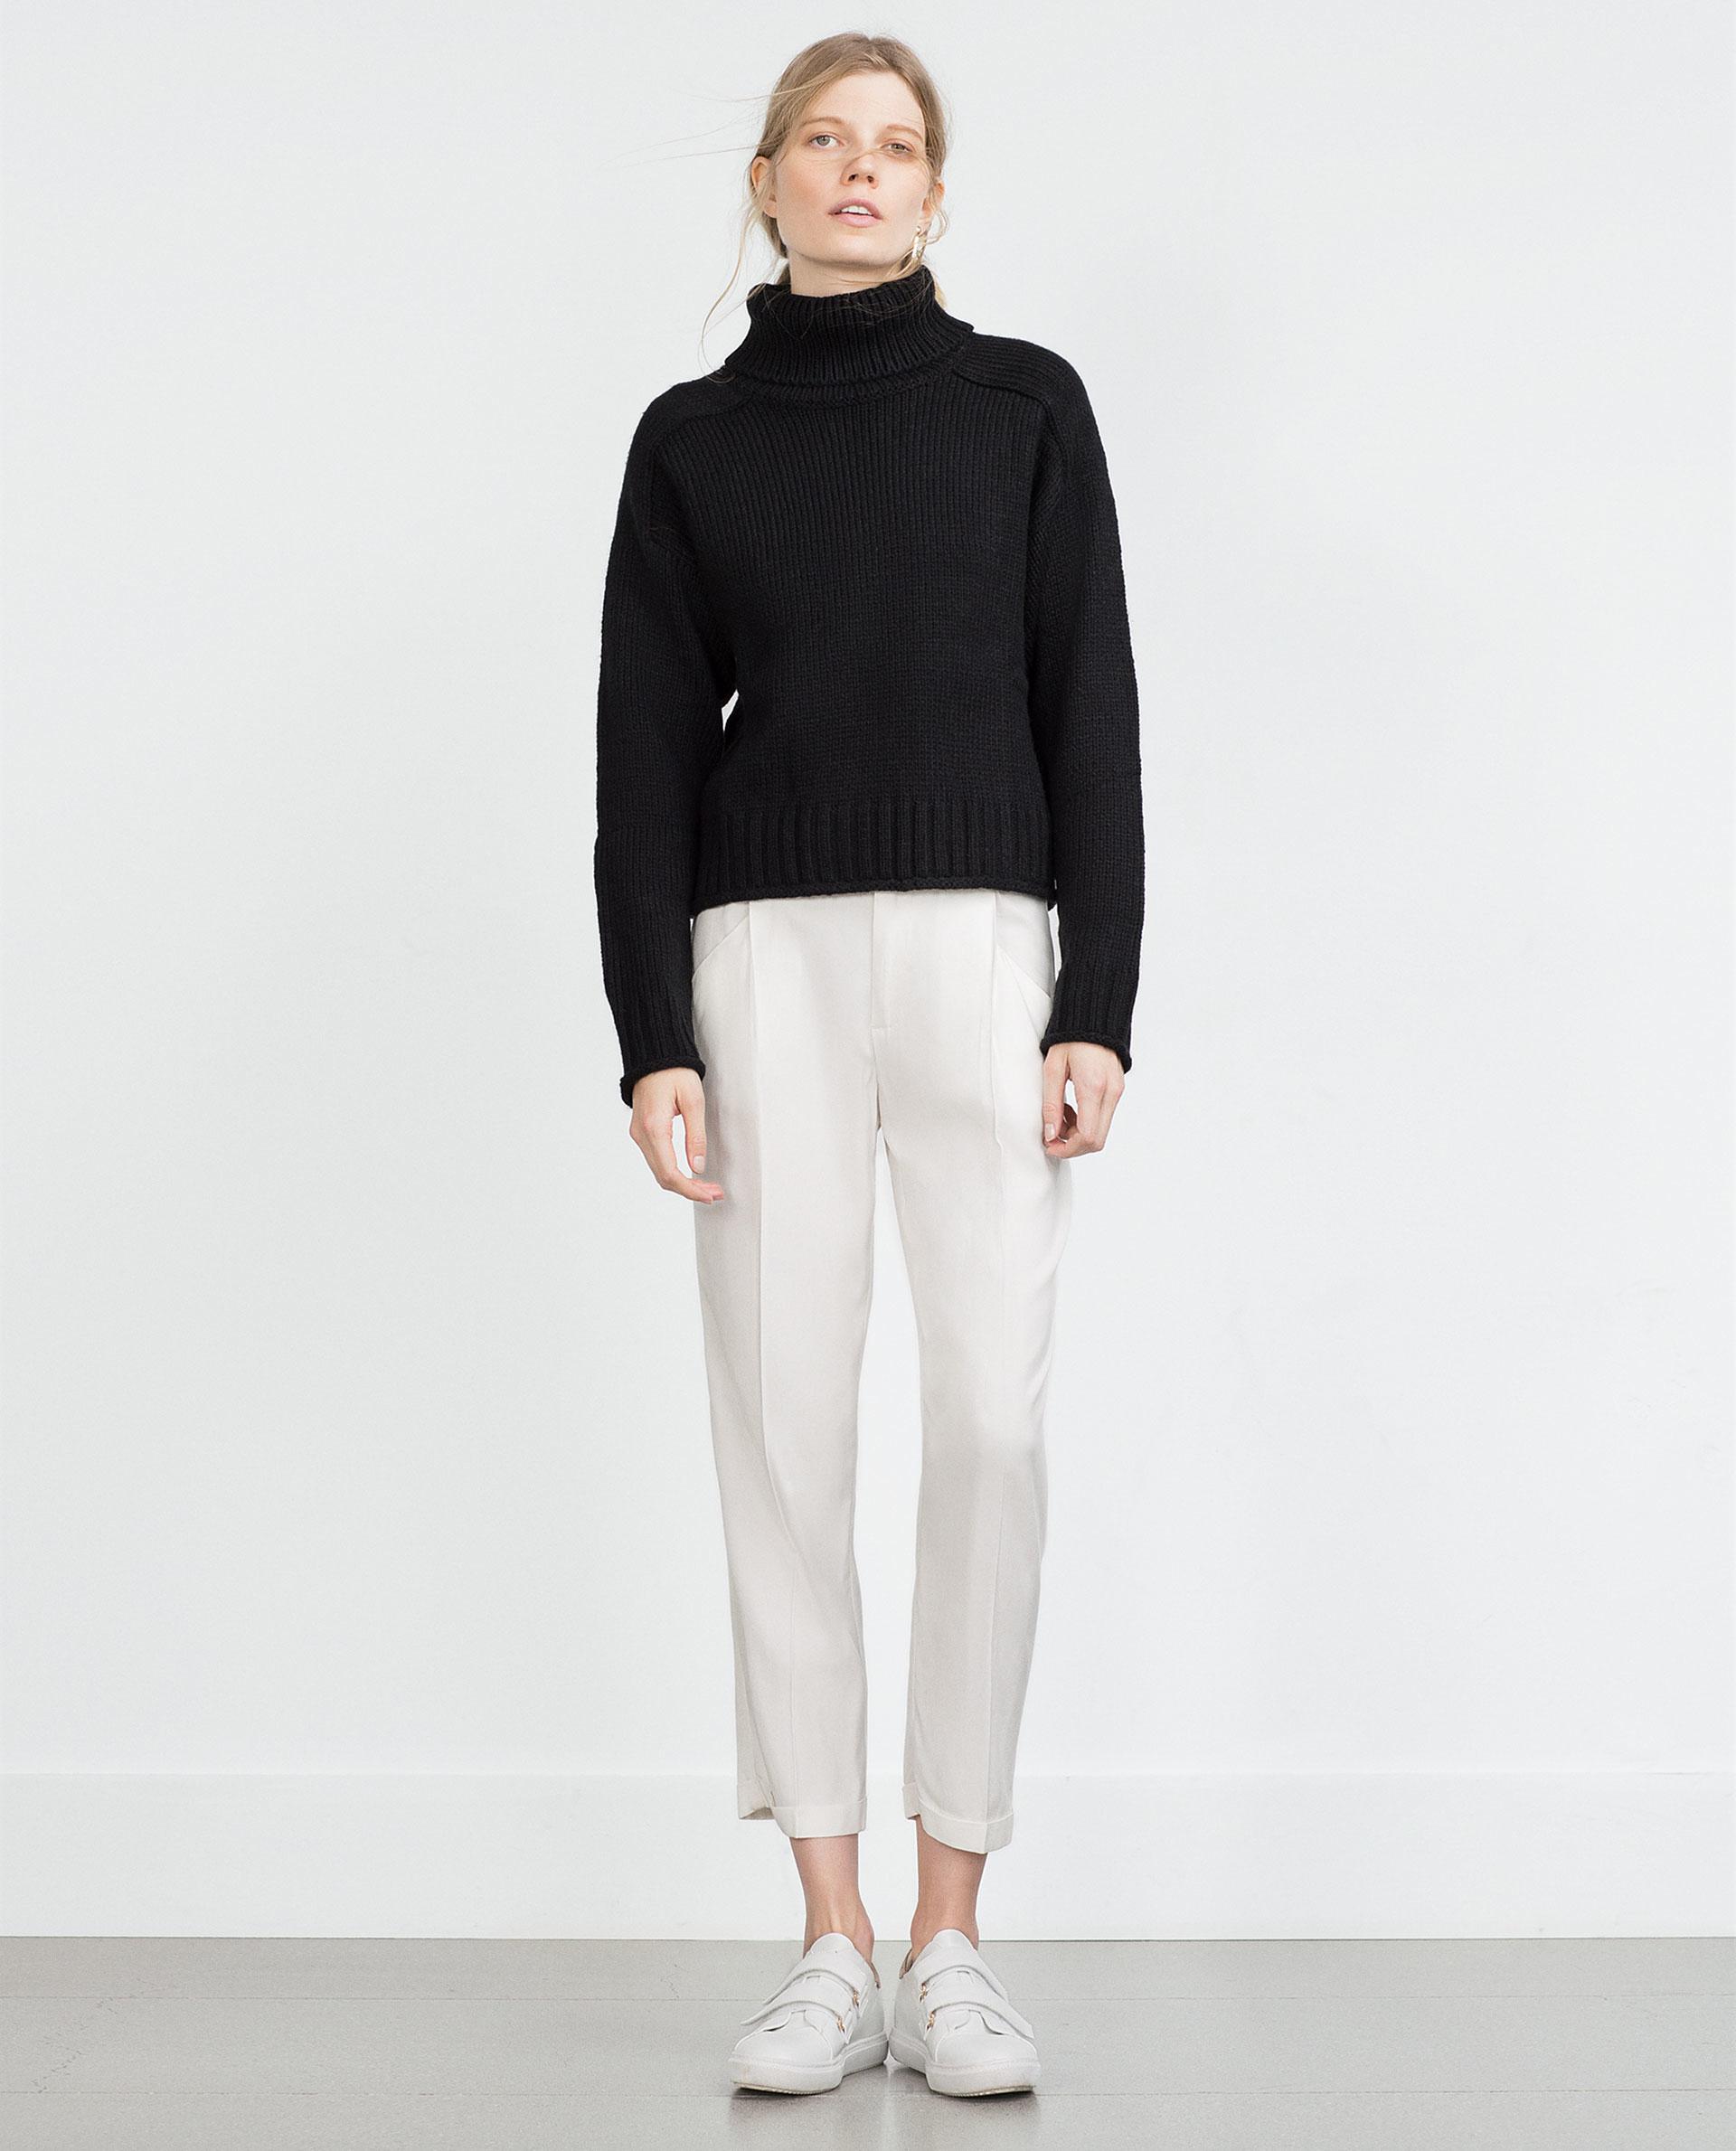 Zara Black High Neck Sweater 75